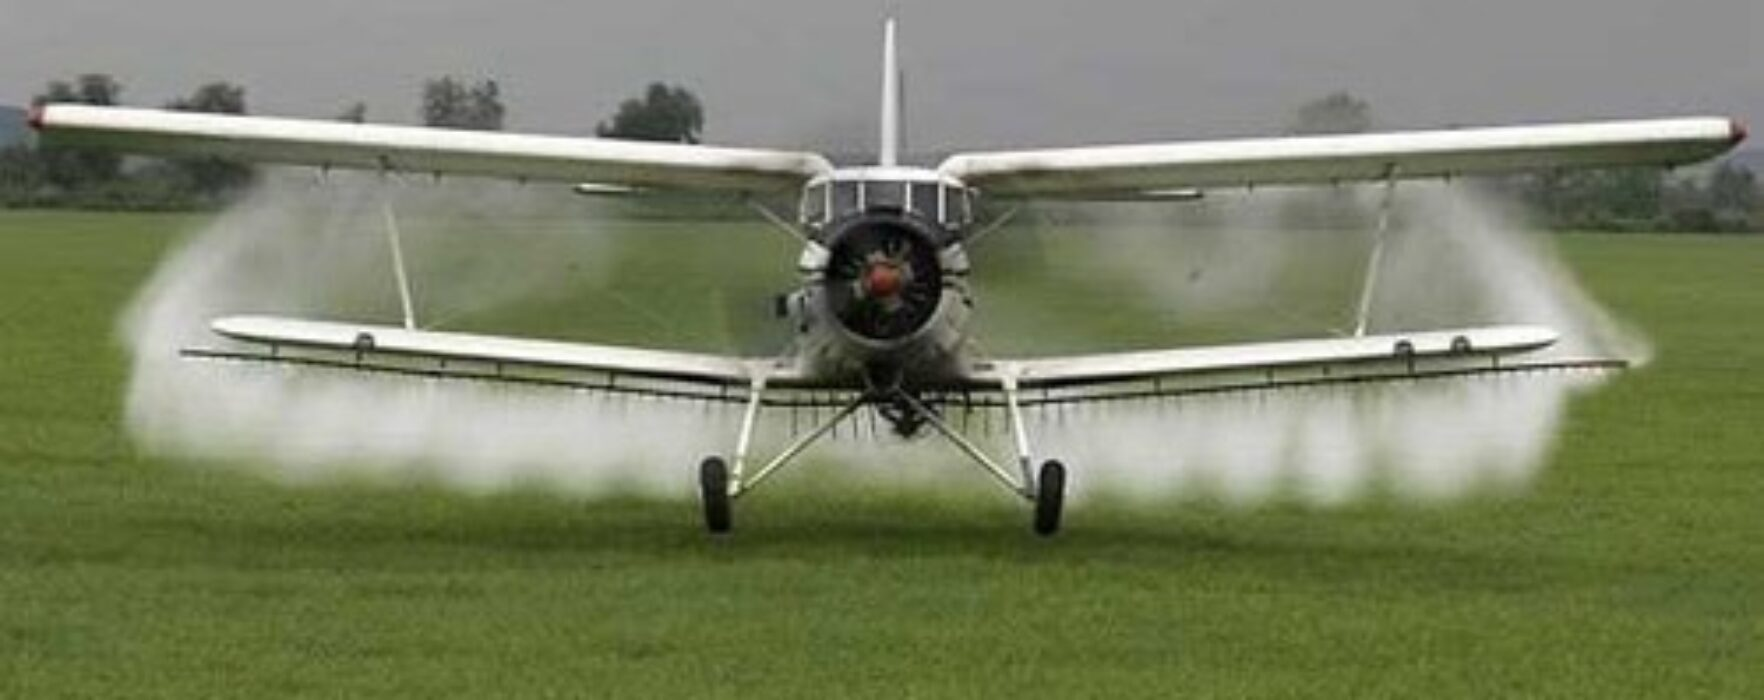 Aviotratamente pentru combaterea insectelor, vineri, la Târgovişte